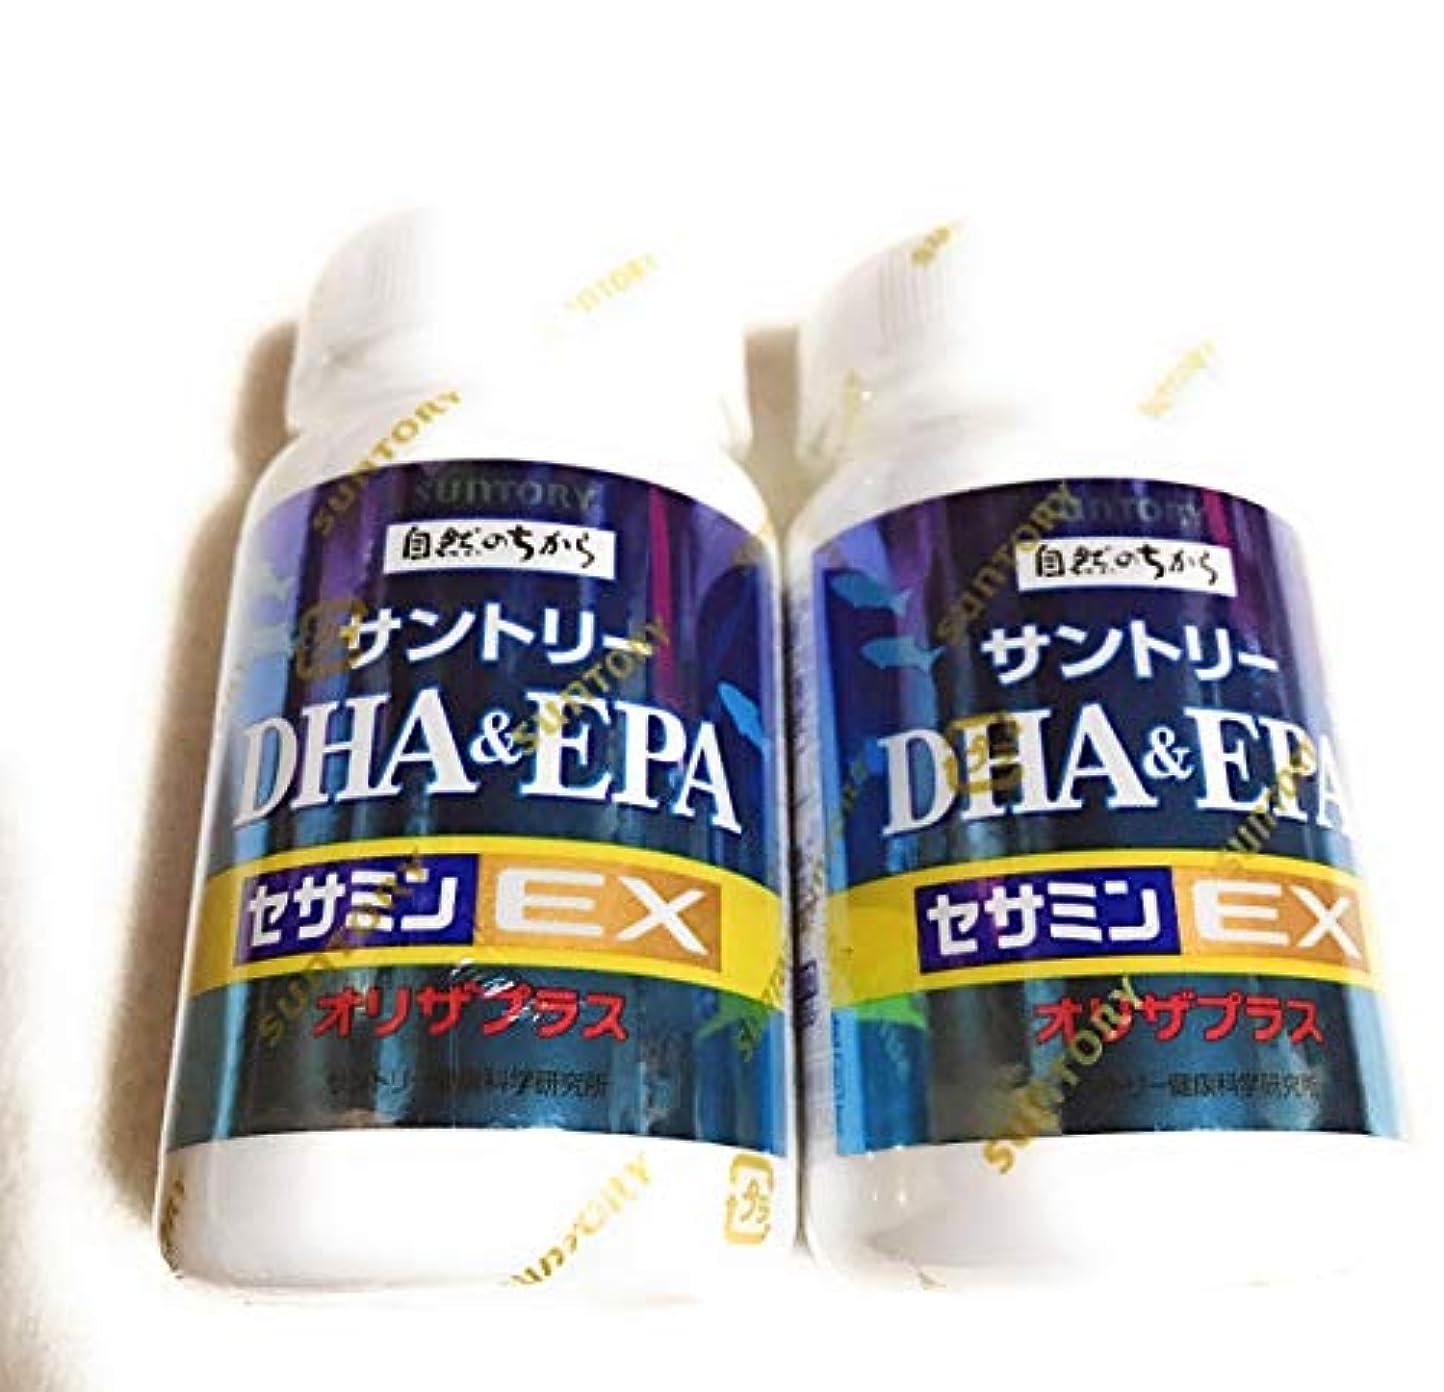 狼規定構造サントリー DHA&EPA+セサミンEX 120粒 2本セット